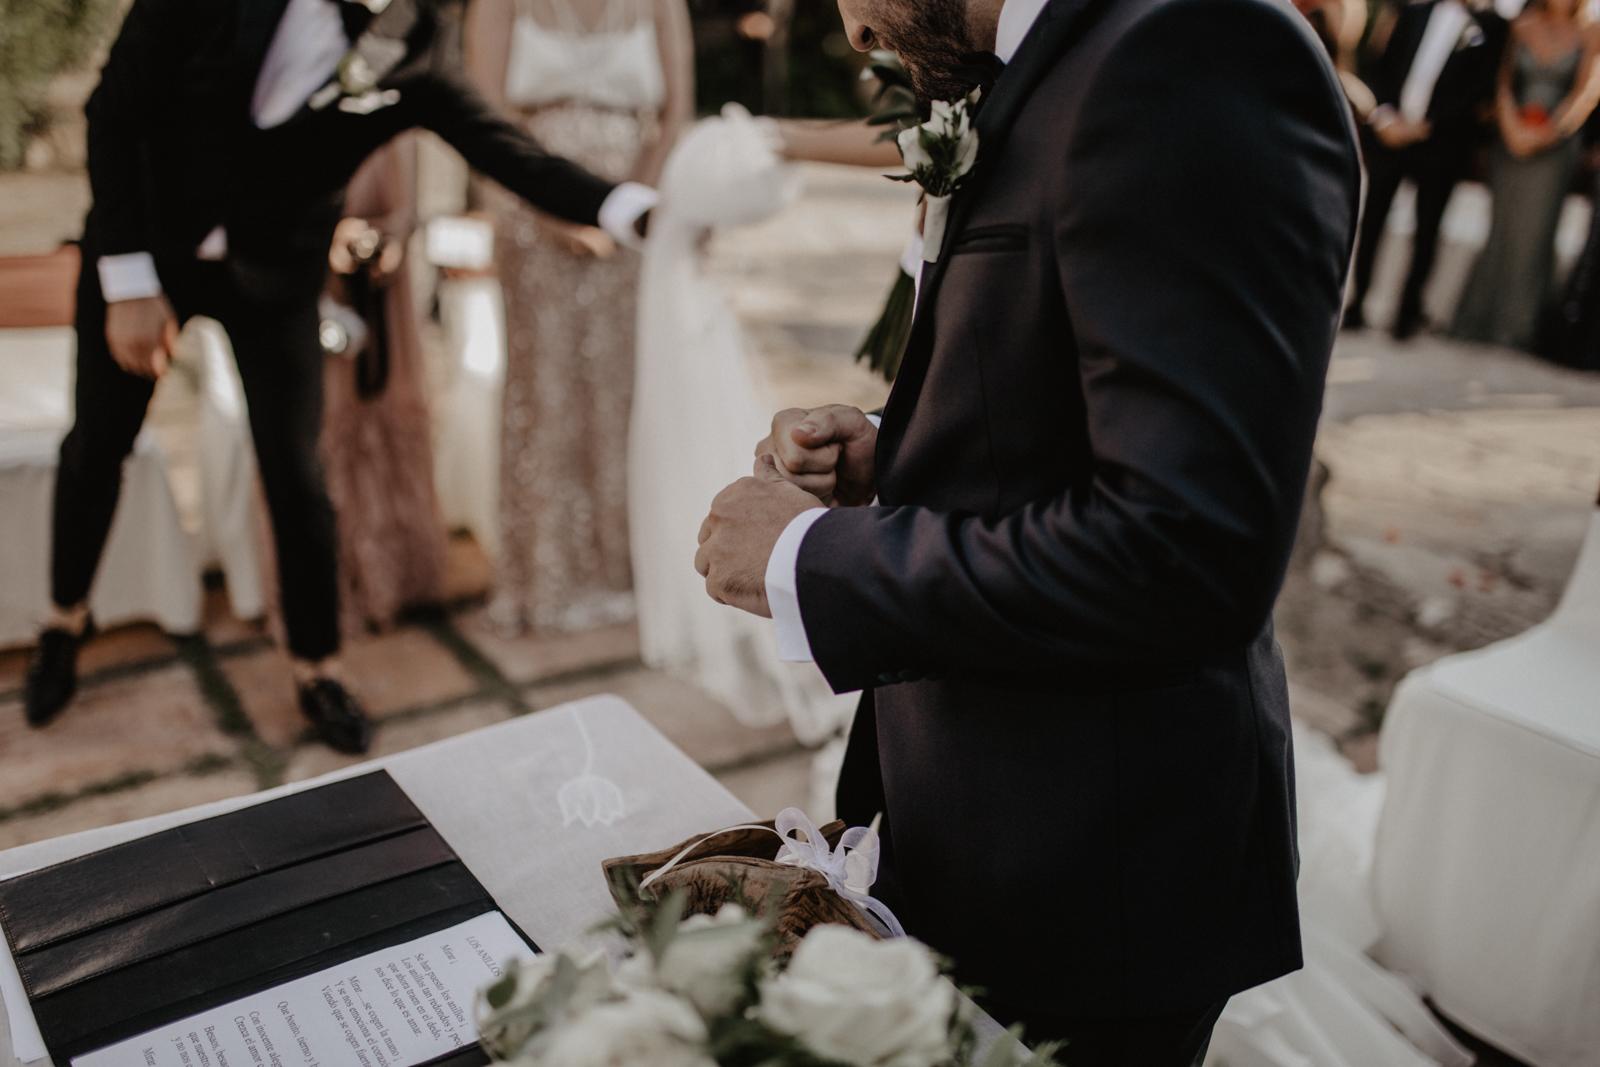 thenortherngirlphotography_photography_thenortherngirl_rebeccascabros_wedding_weddingphotography_weddingphotographer_barcelona_bodaenlabaronia_labaronia_japanesewedding_destinationwedding_shokoalbert-448.jpg